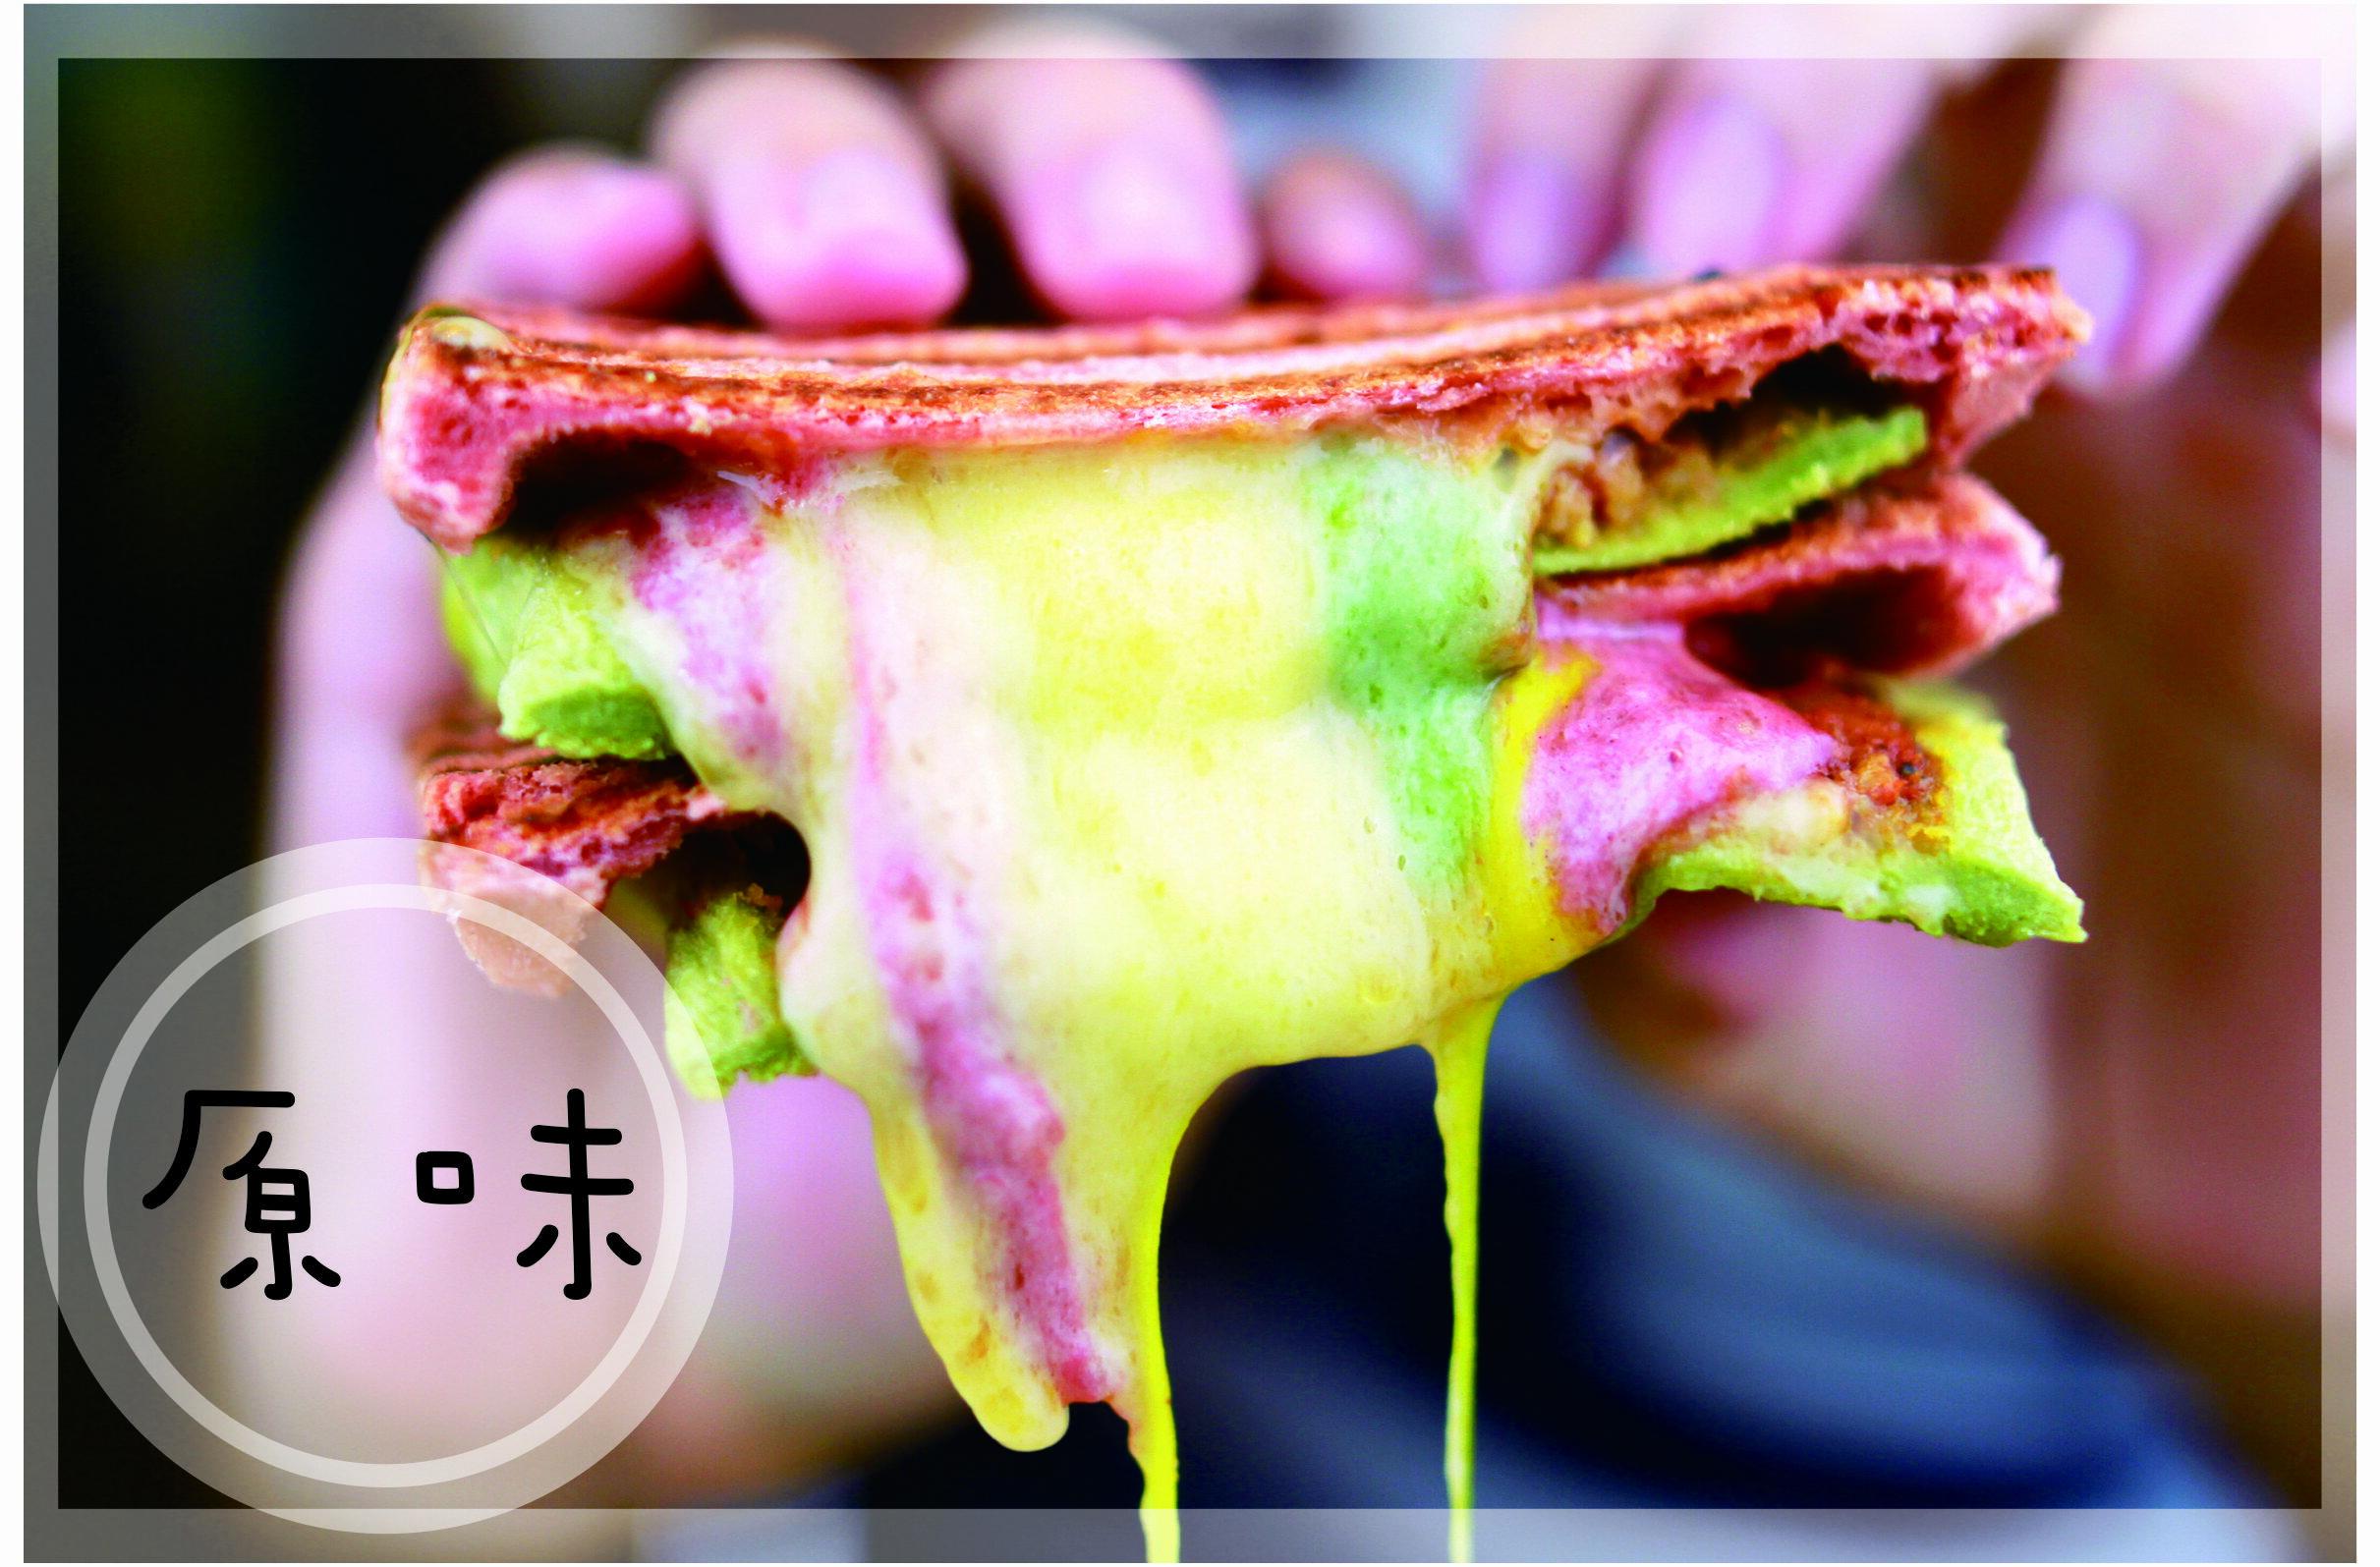 健康吐司帕里尼(經典原味爆醬吐司起士帕里尼)加上彩虹起司塔配獨家無添加香料食材